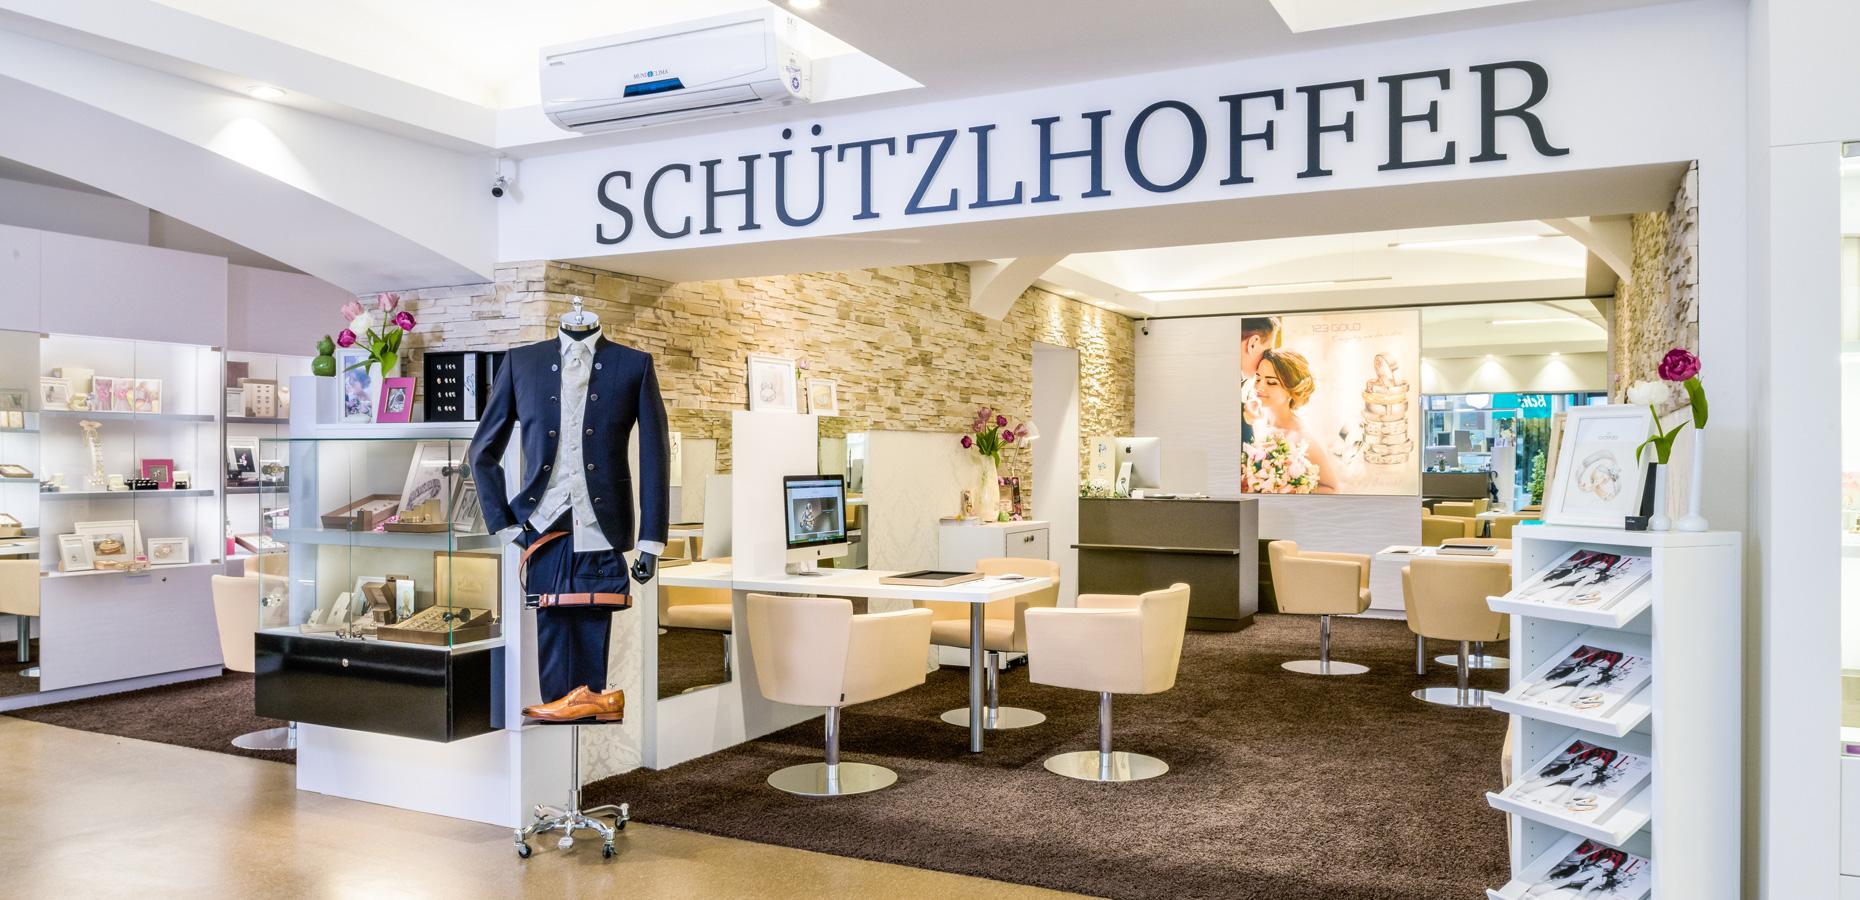 Trauringlounge von Juwelier Schützlhoffer in Villach